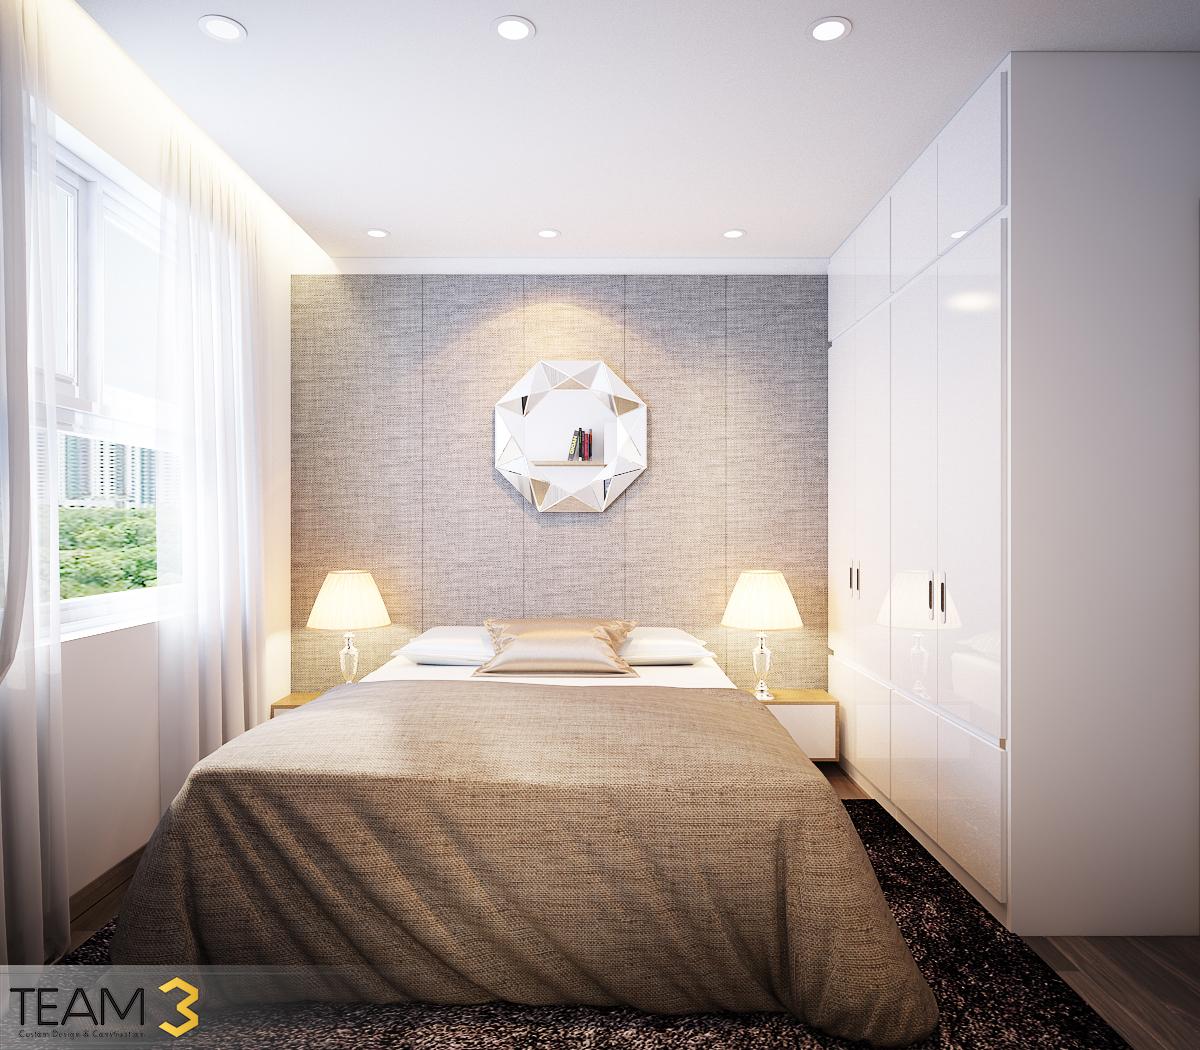 thiết kế nội thất chung cư tại Hồ Chí Minh Diamond Loutus 11 1562643044